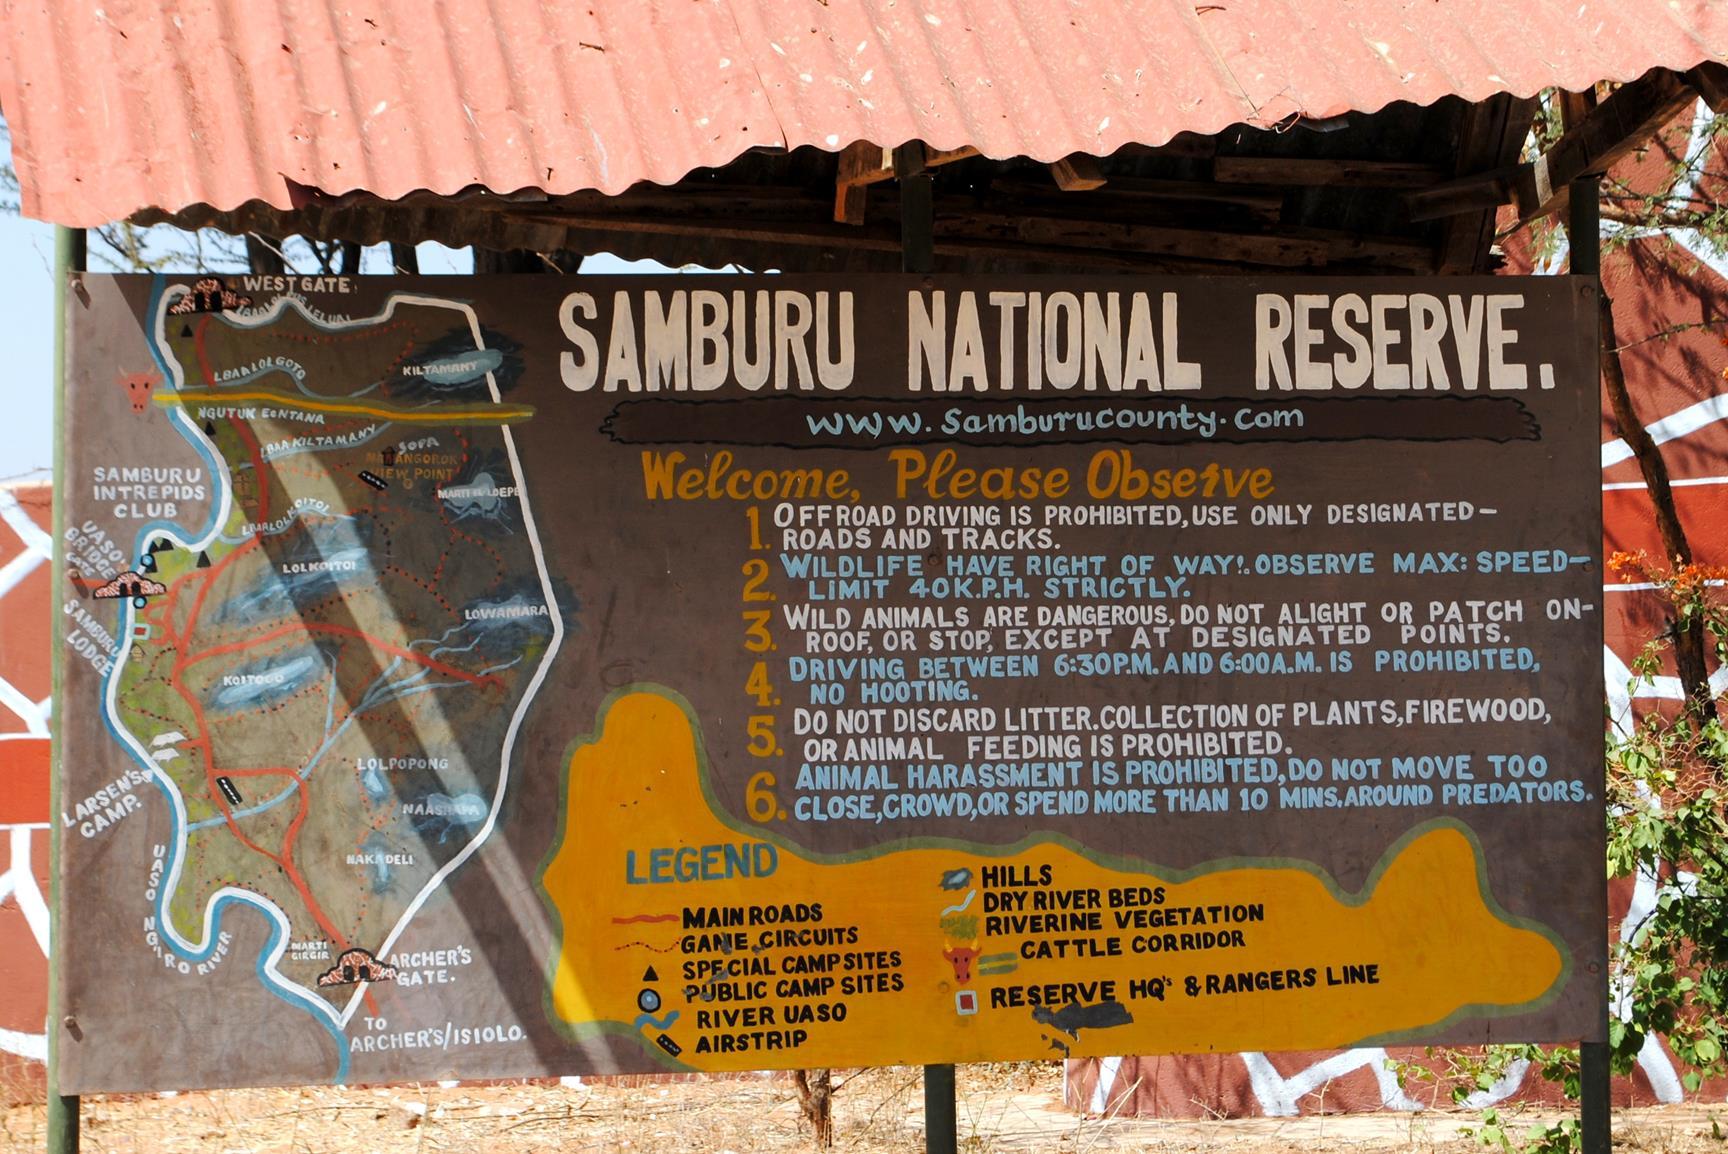 reserva-natural-samburu-normas